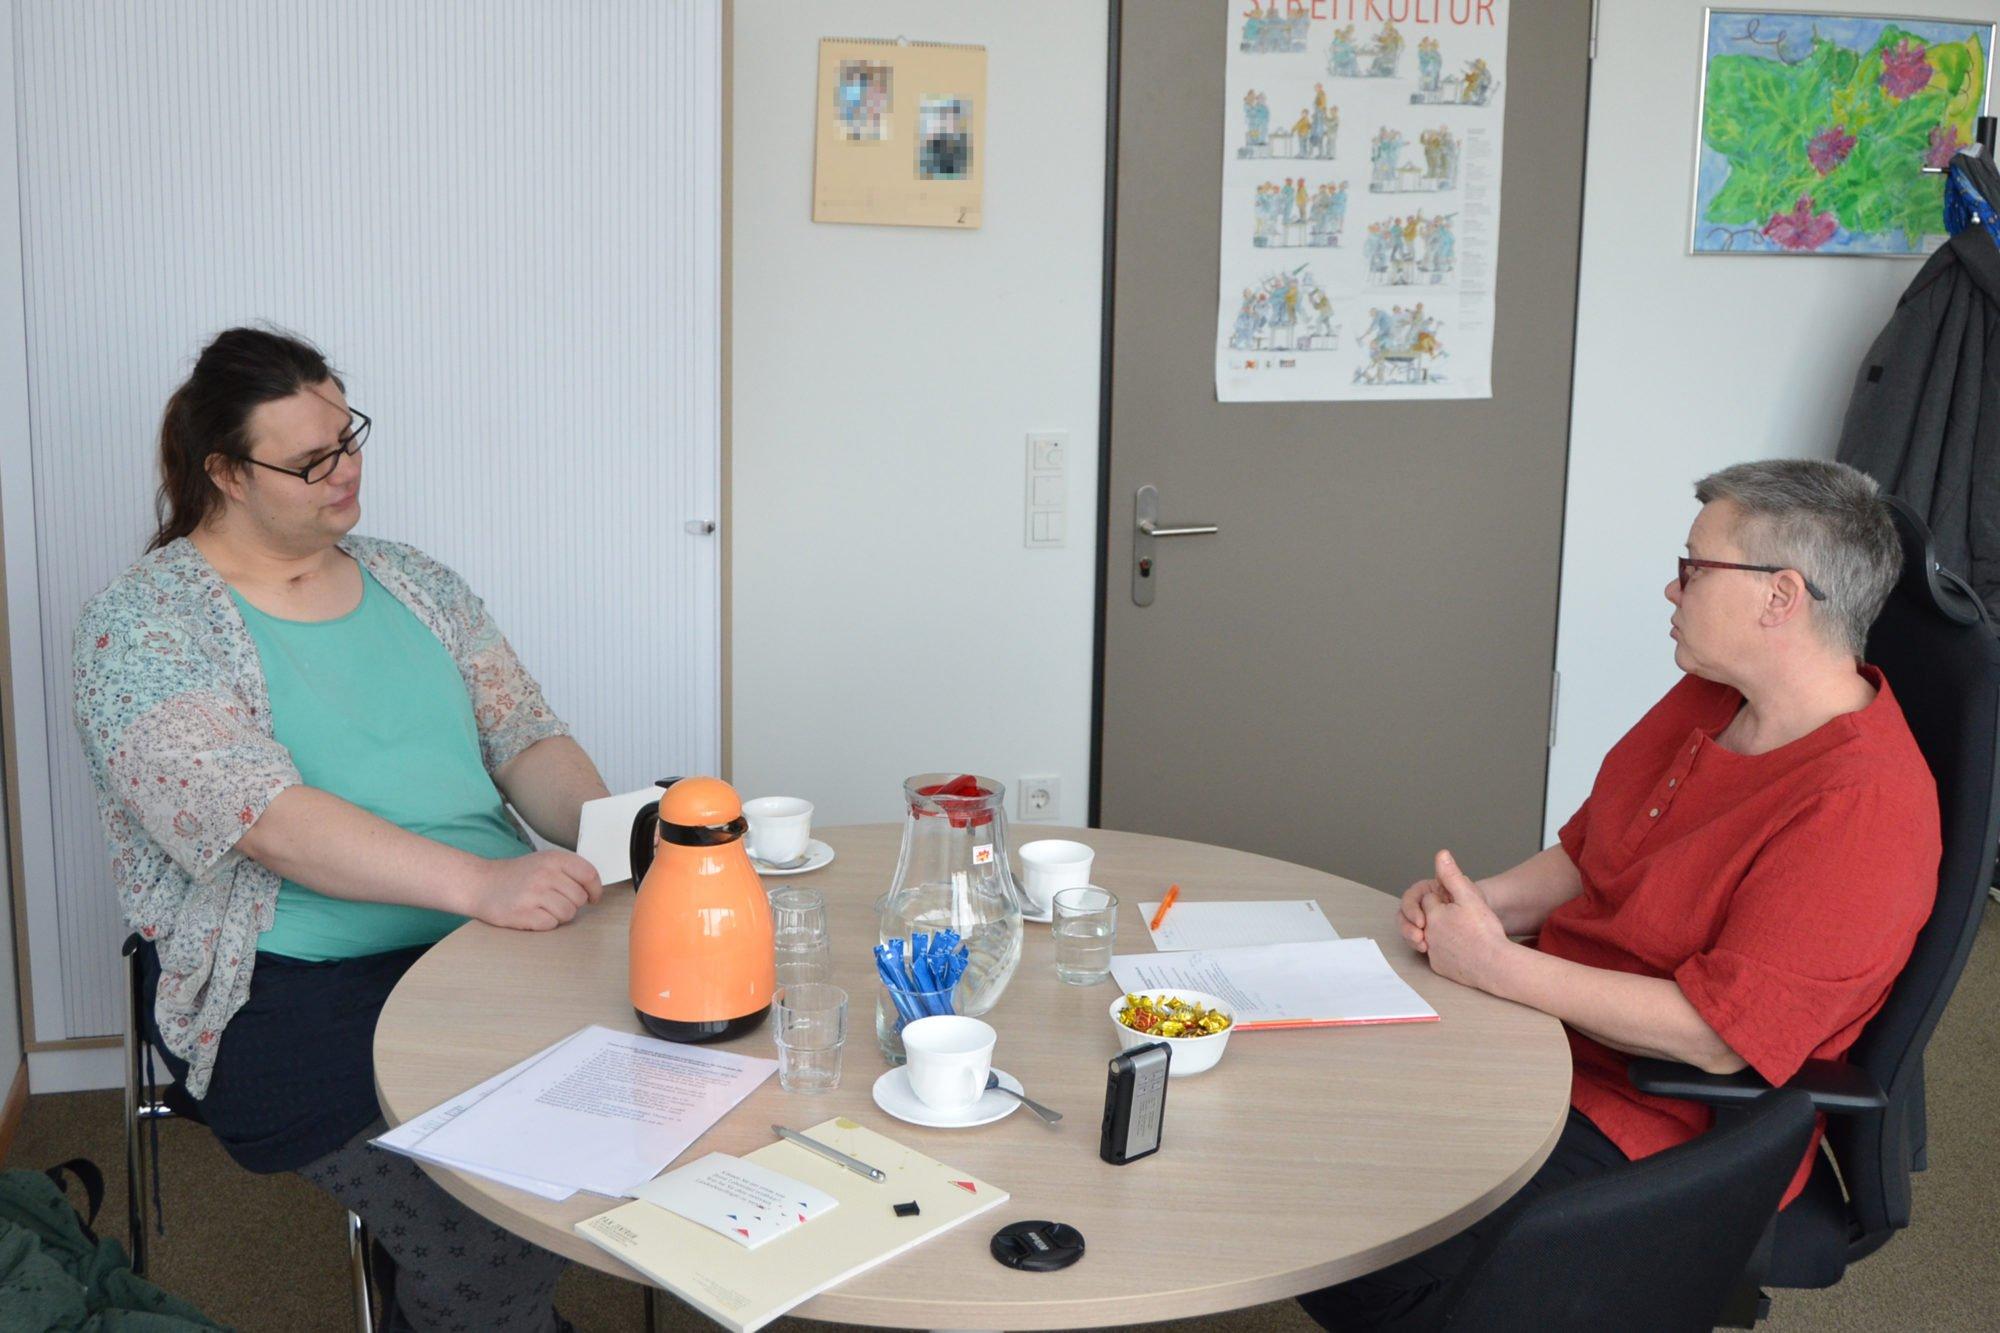 Maria Martius und Elke Mandel sitzen sich an einem runden Tisch gegenüber und unterhalten sich. Auf dem Tisch stehen Kaffeetassen sowie Wassergläser.